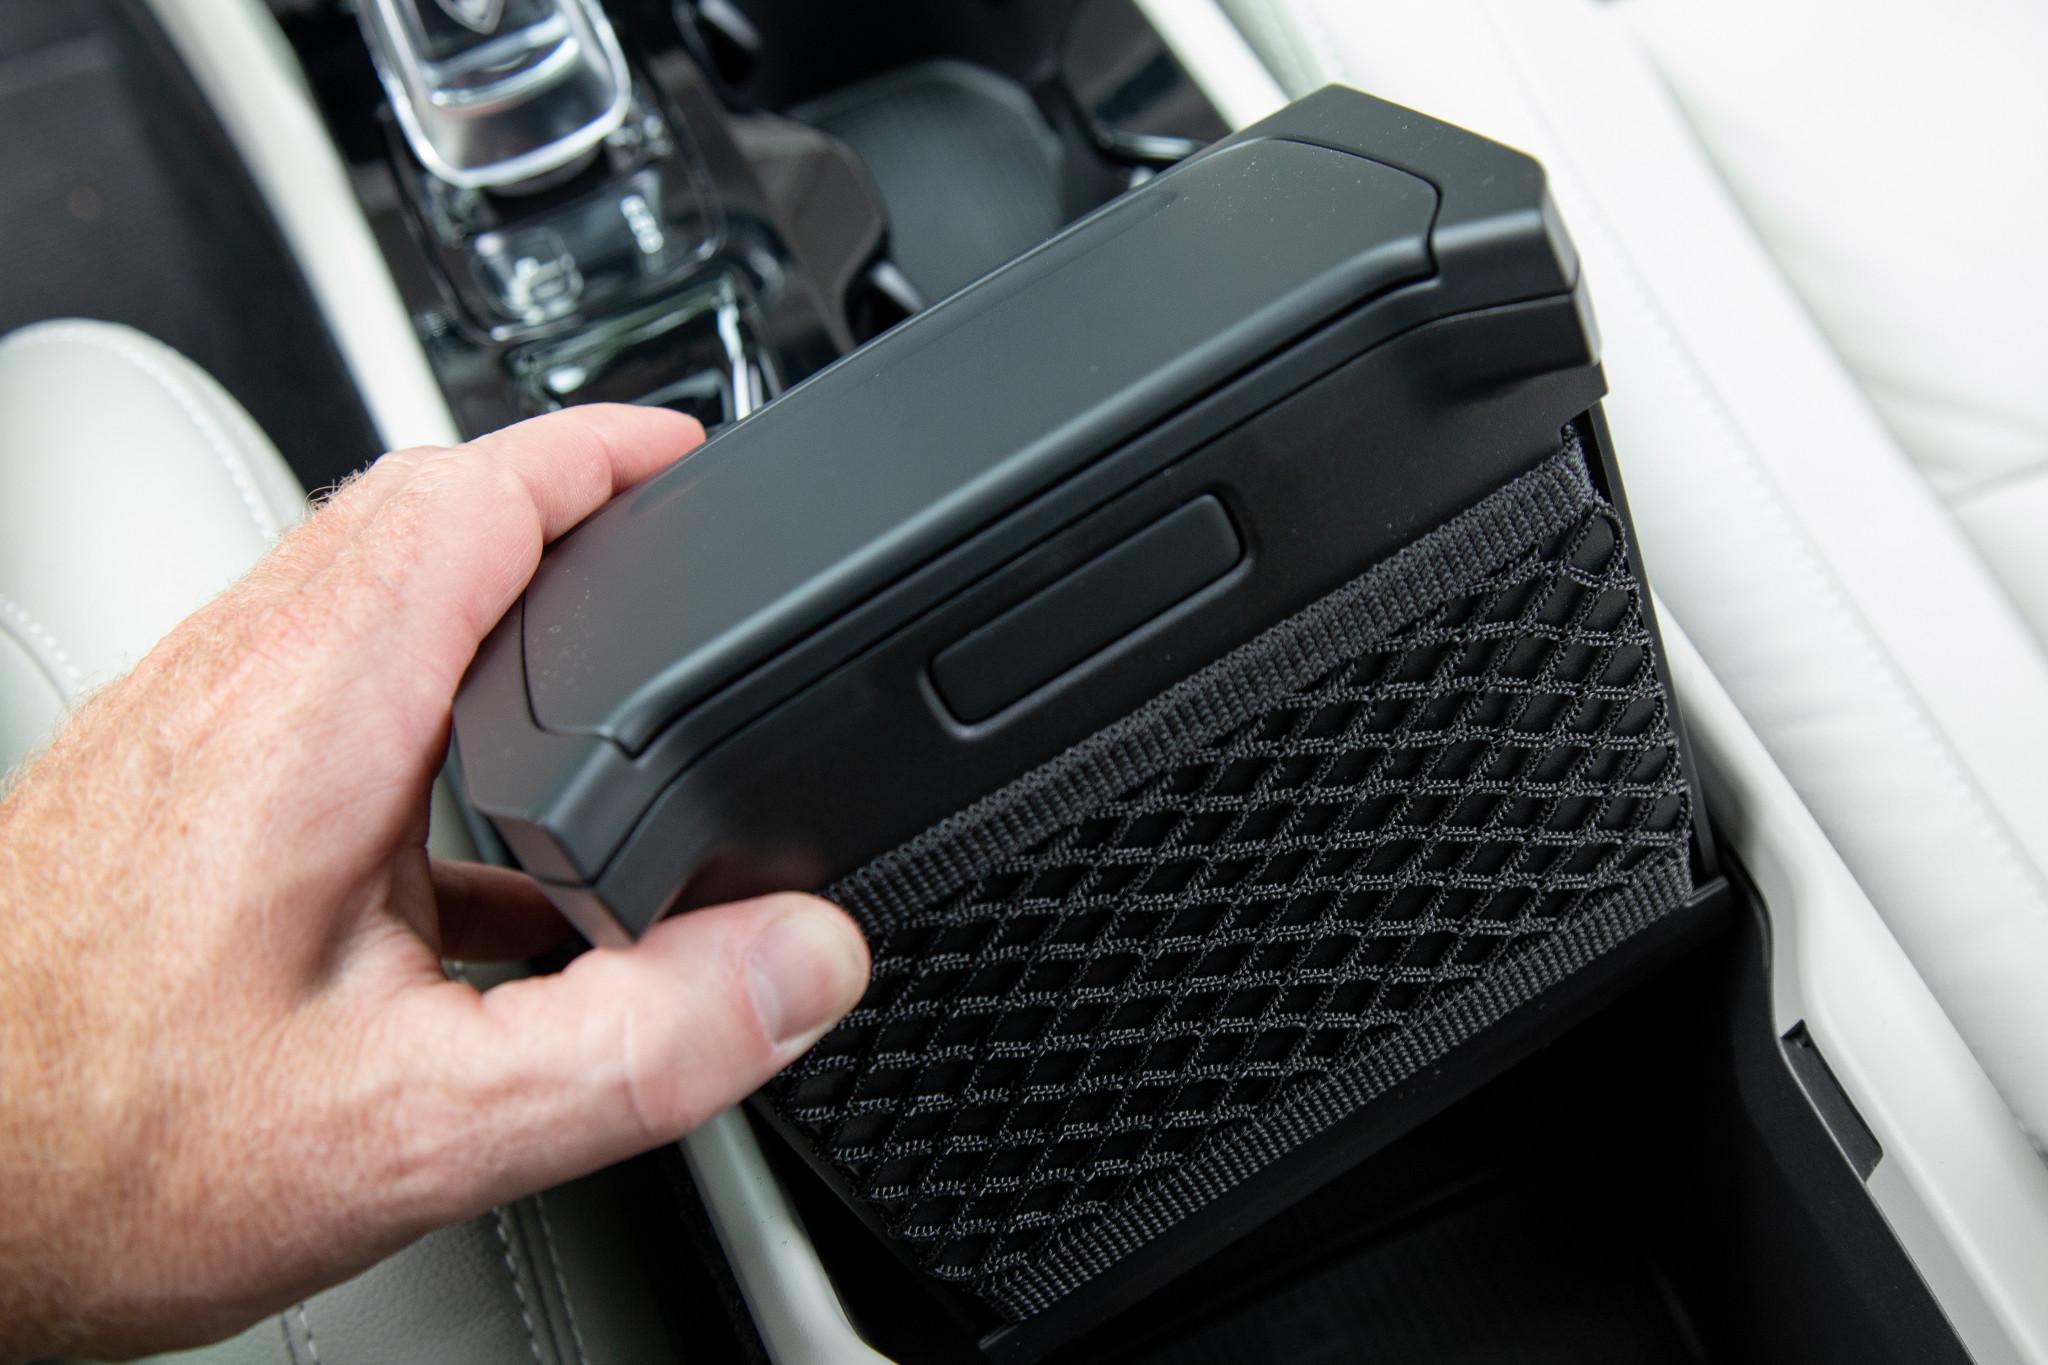 volvo-xc40-2019-41-center-console--front-row--interior--storage.jpg